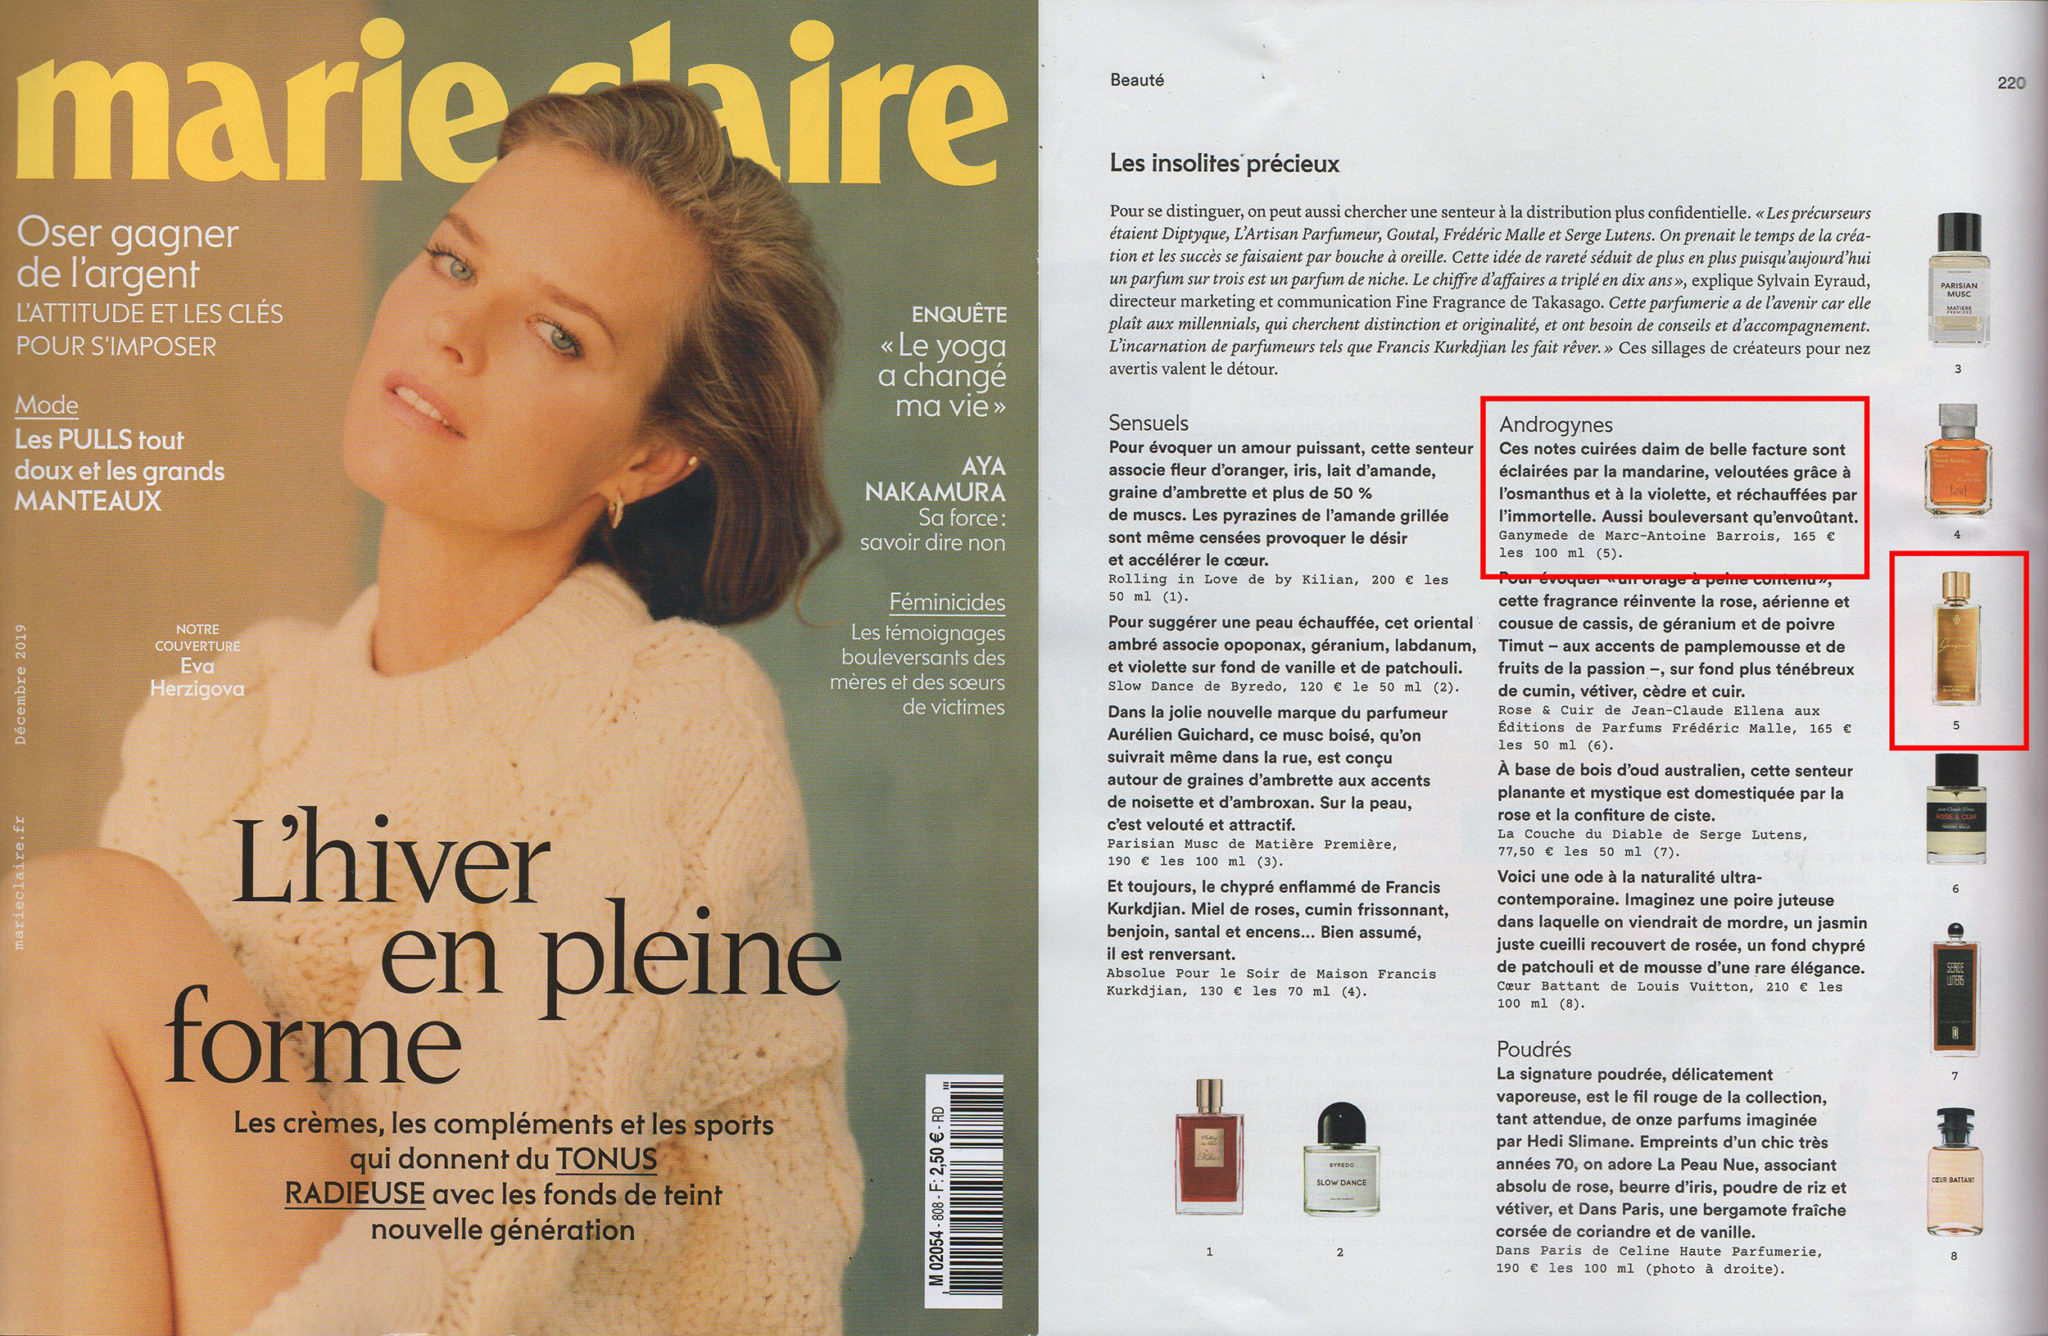 marie-claire-marc-antoine-barrois